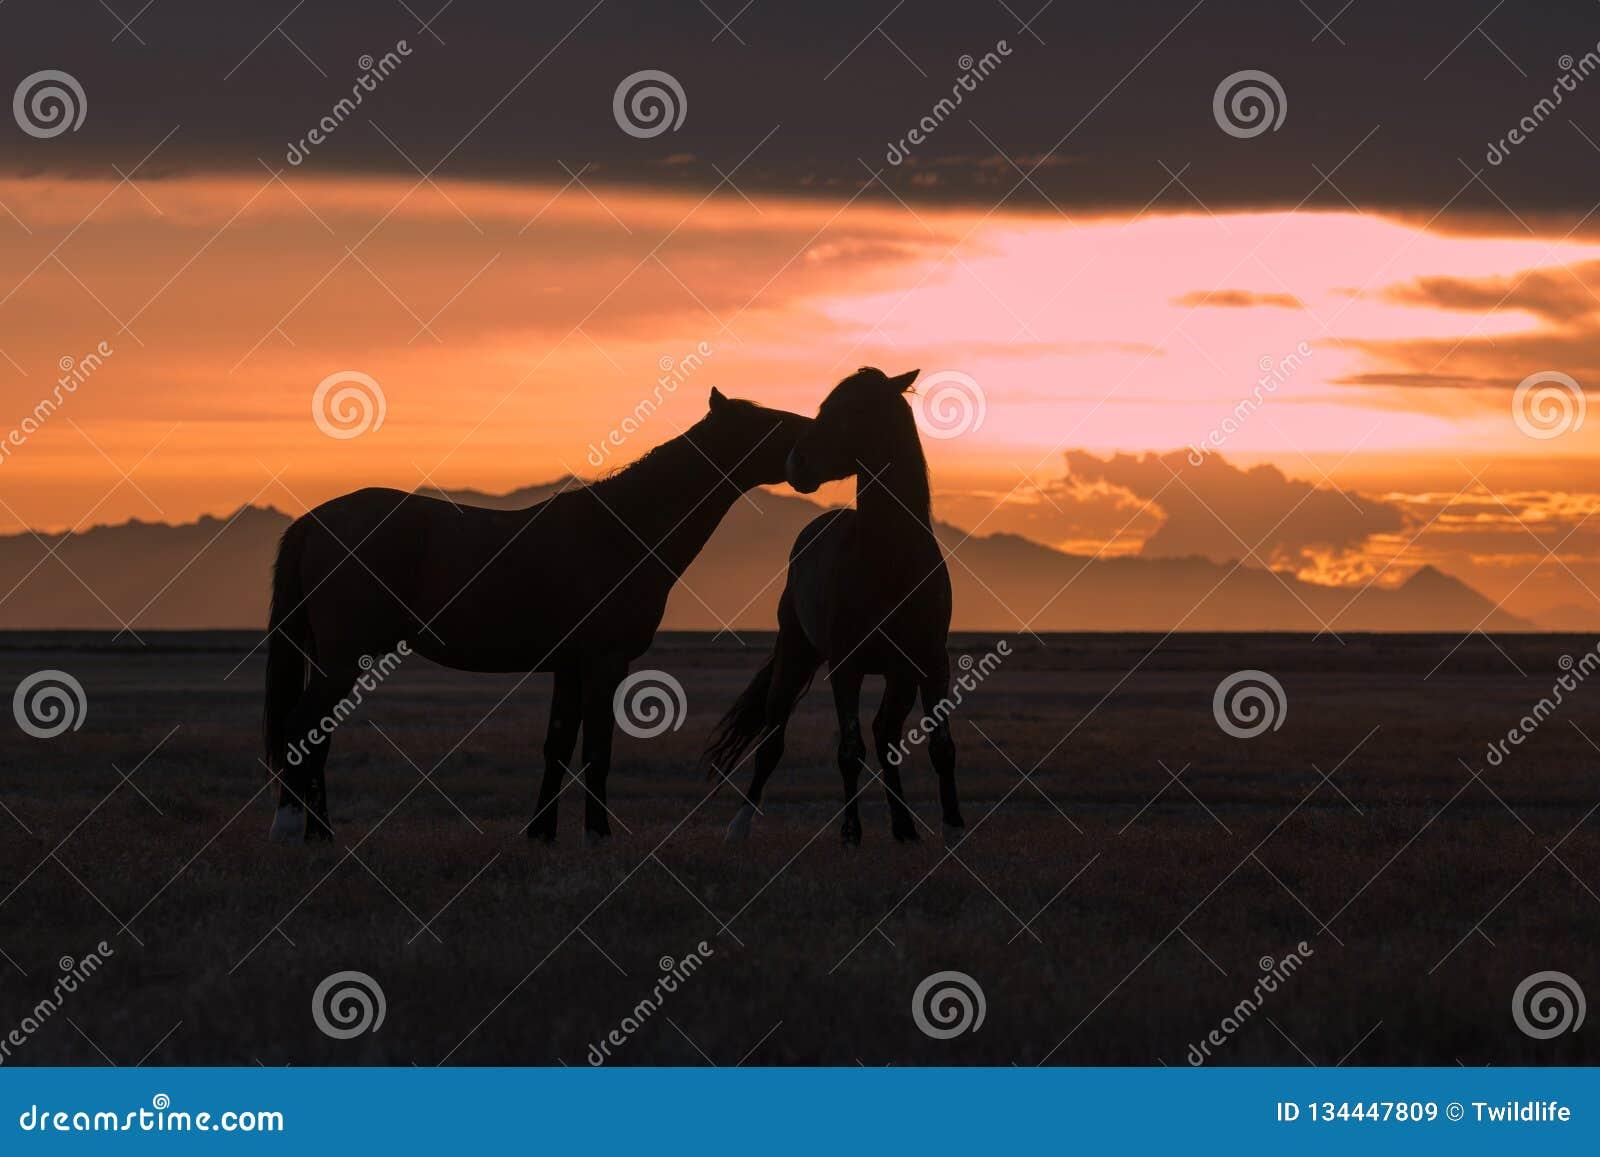 Άγρια άλογα που σκιαγραφούνται στο ηλιοβασίλεμα στην έρημο